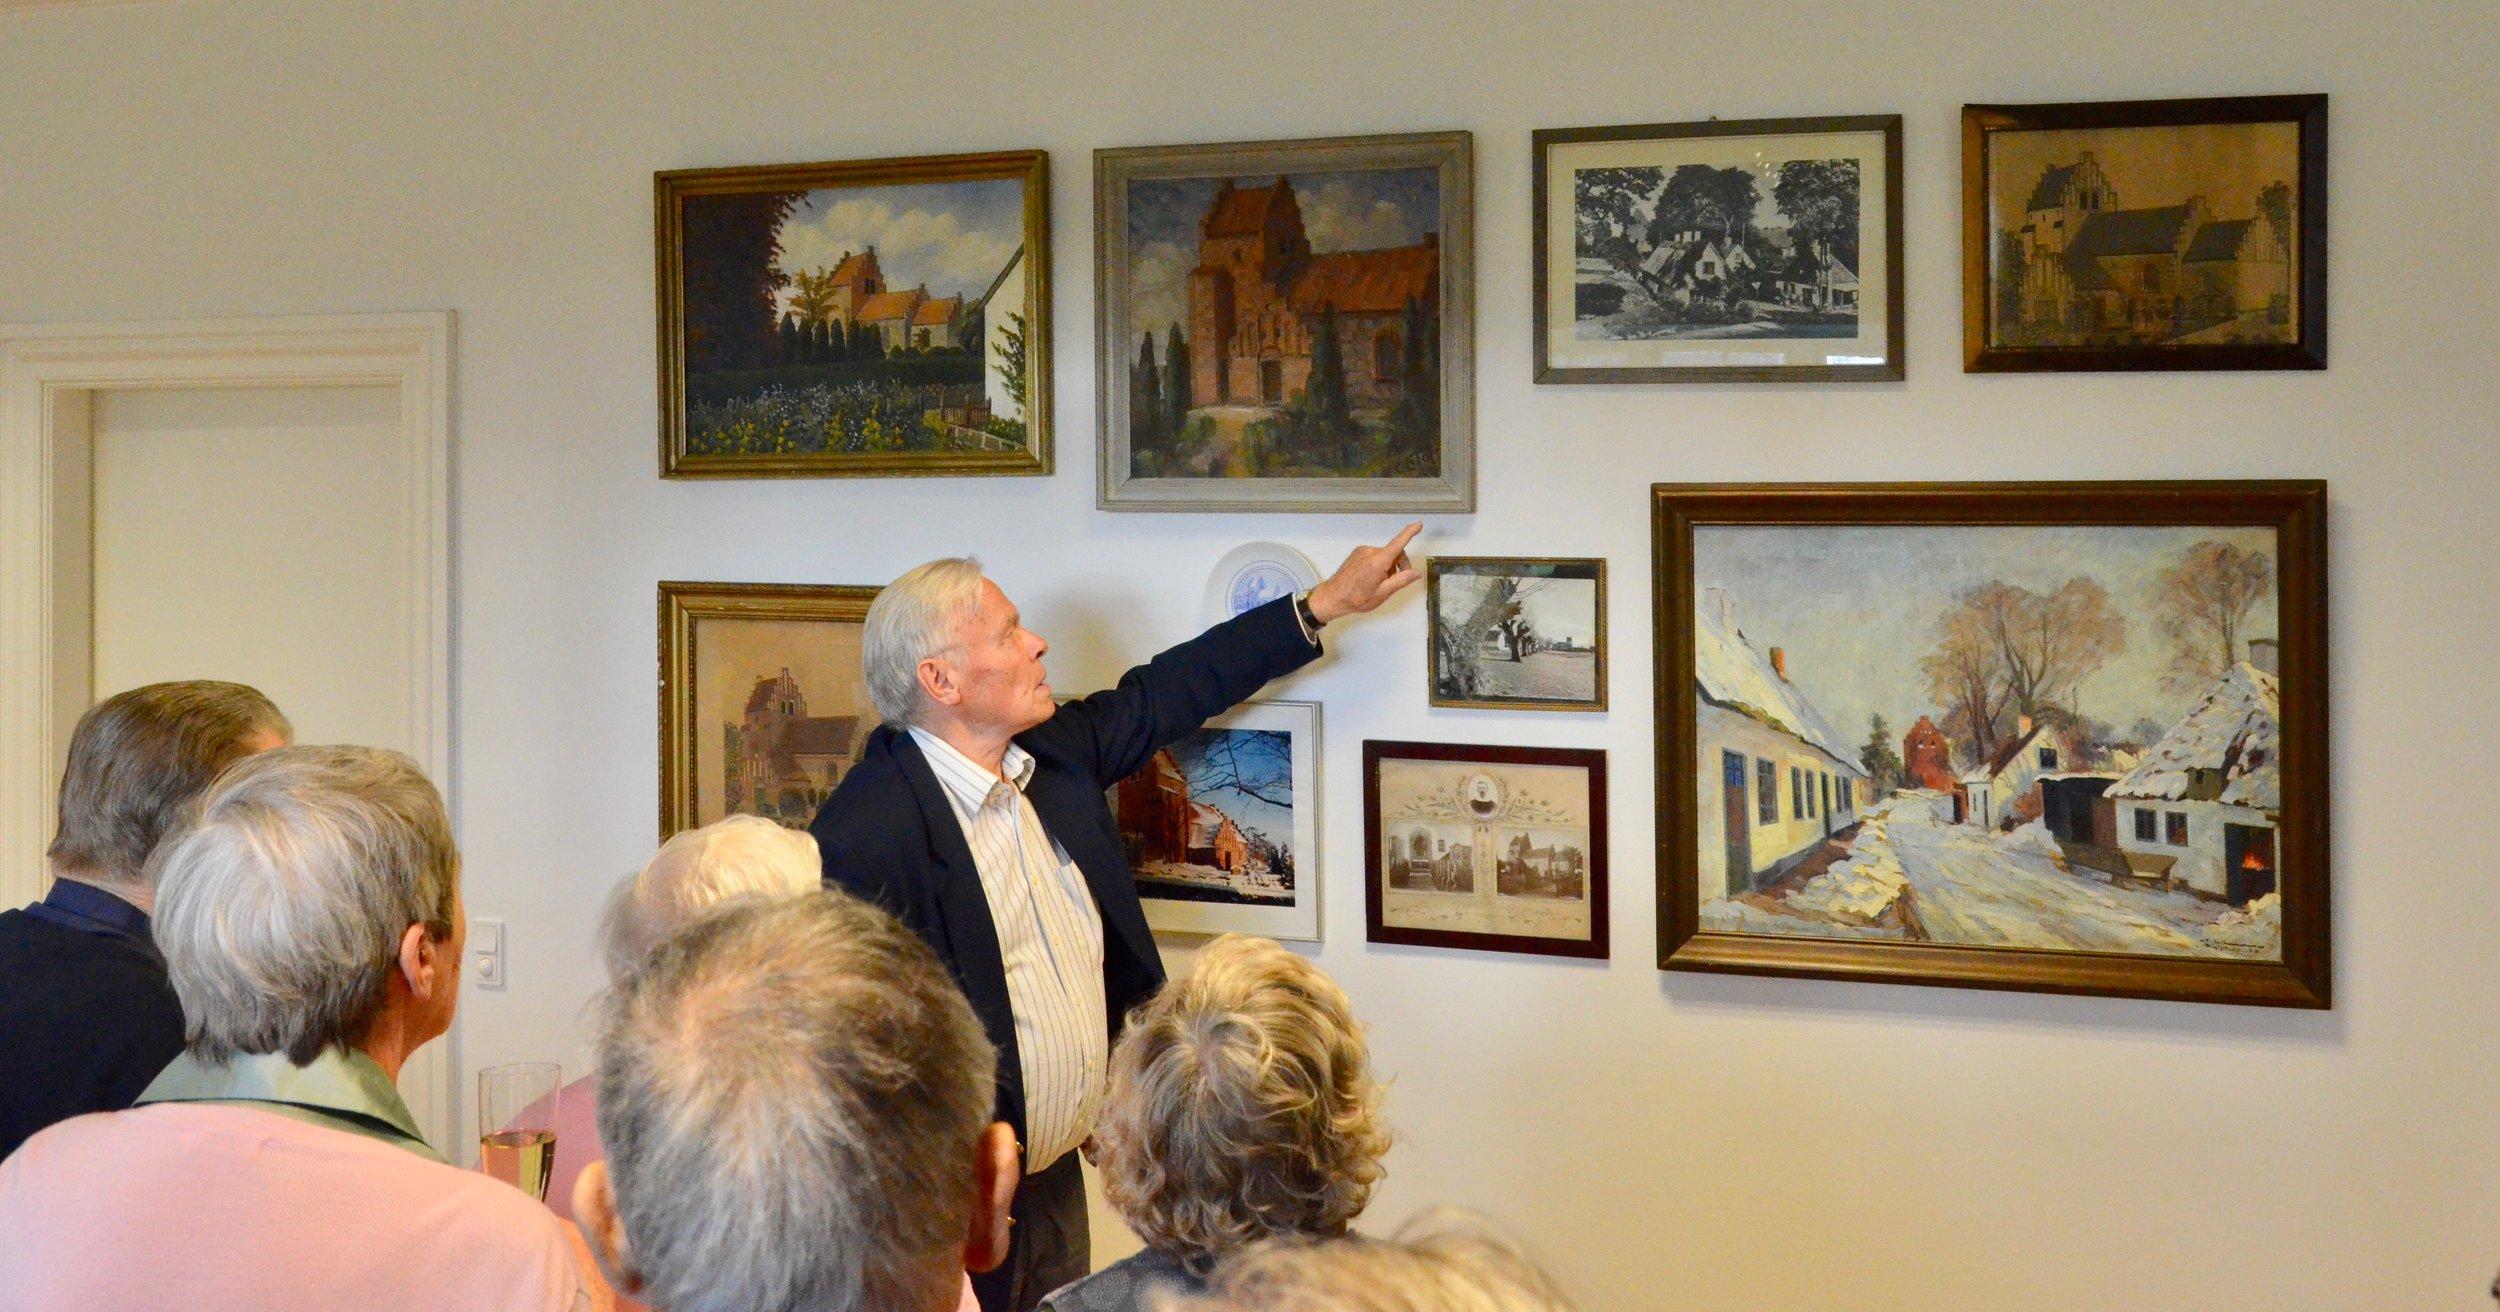 Jørgen Jessen fra menighedsrådet fortalte om historierne bag de enkelte billeder. Foto: AOB